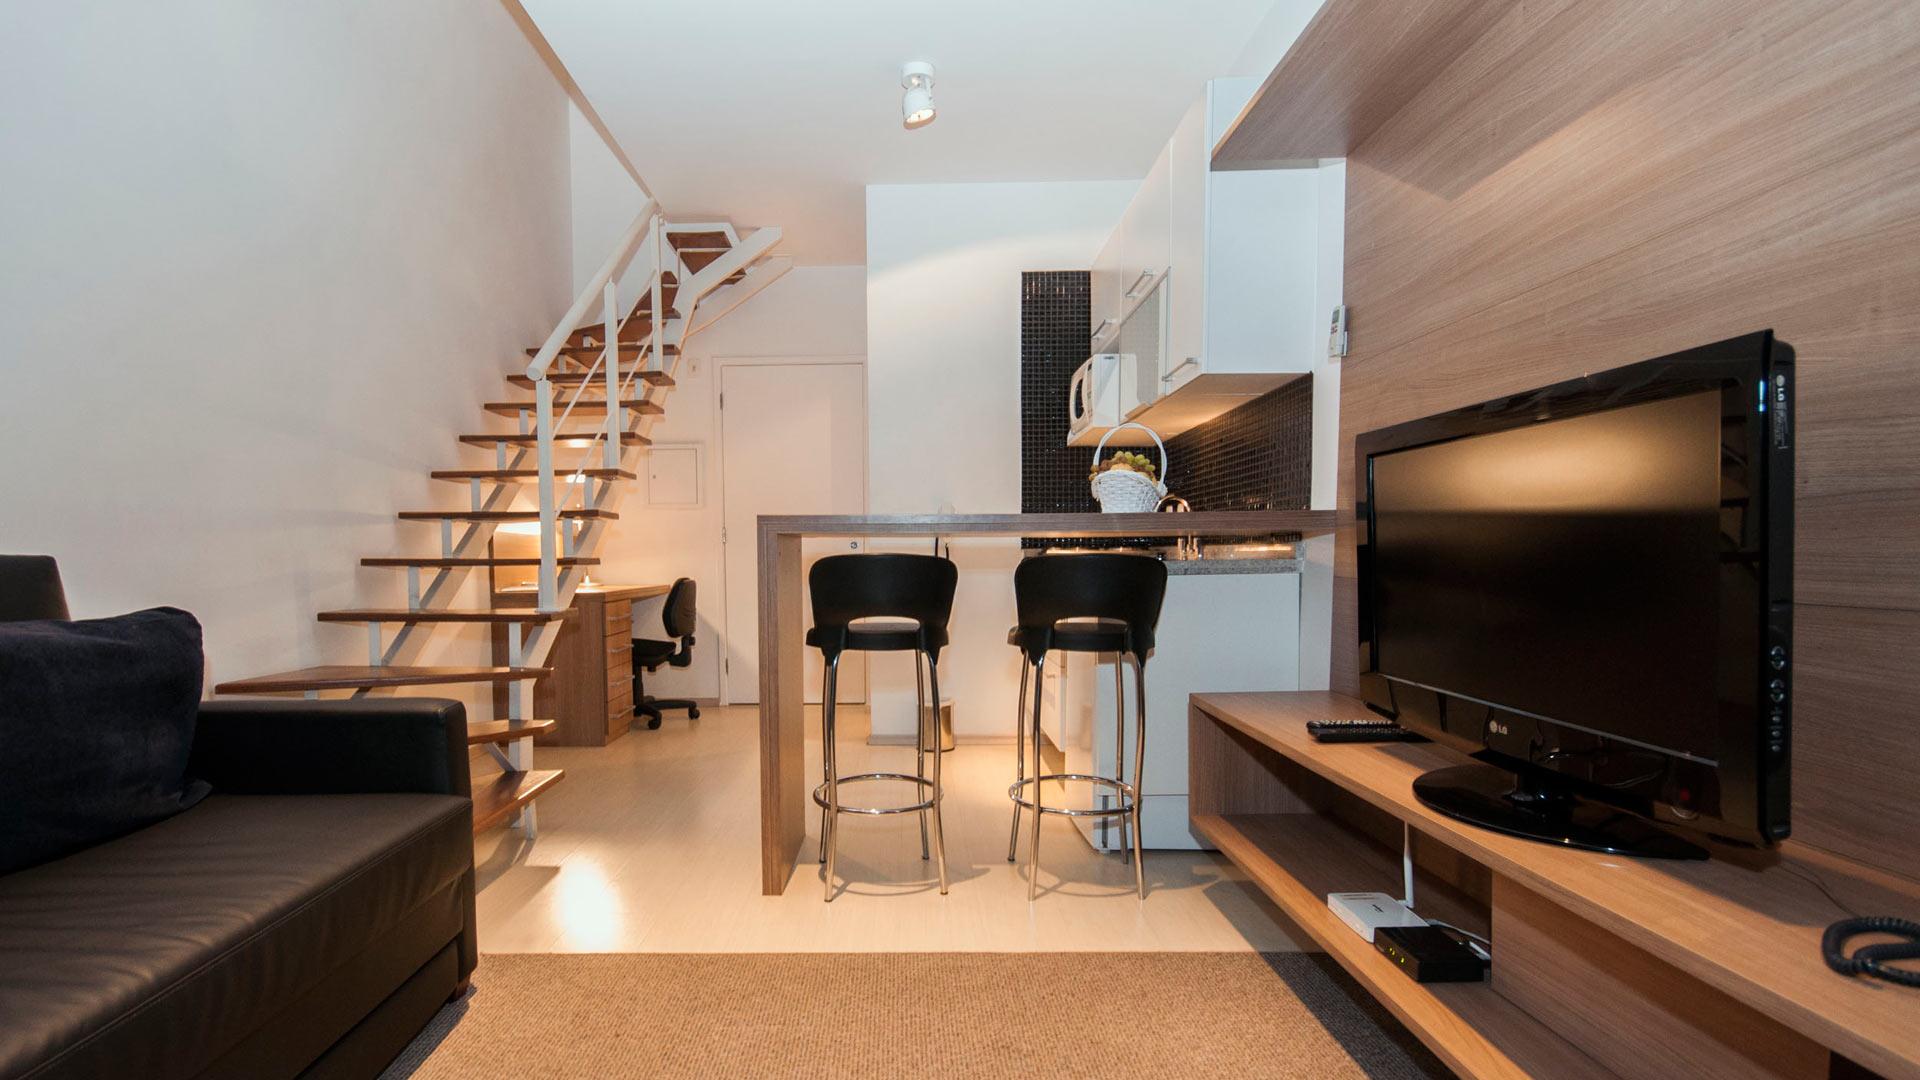 Однокомнатная квартира 40 кв м двухэтажная